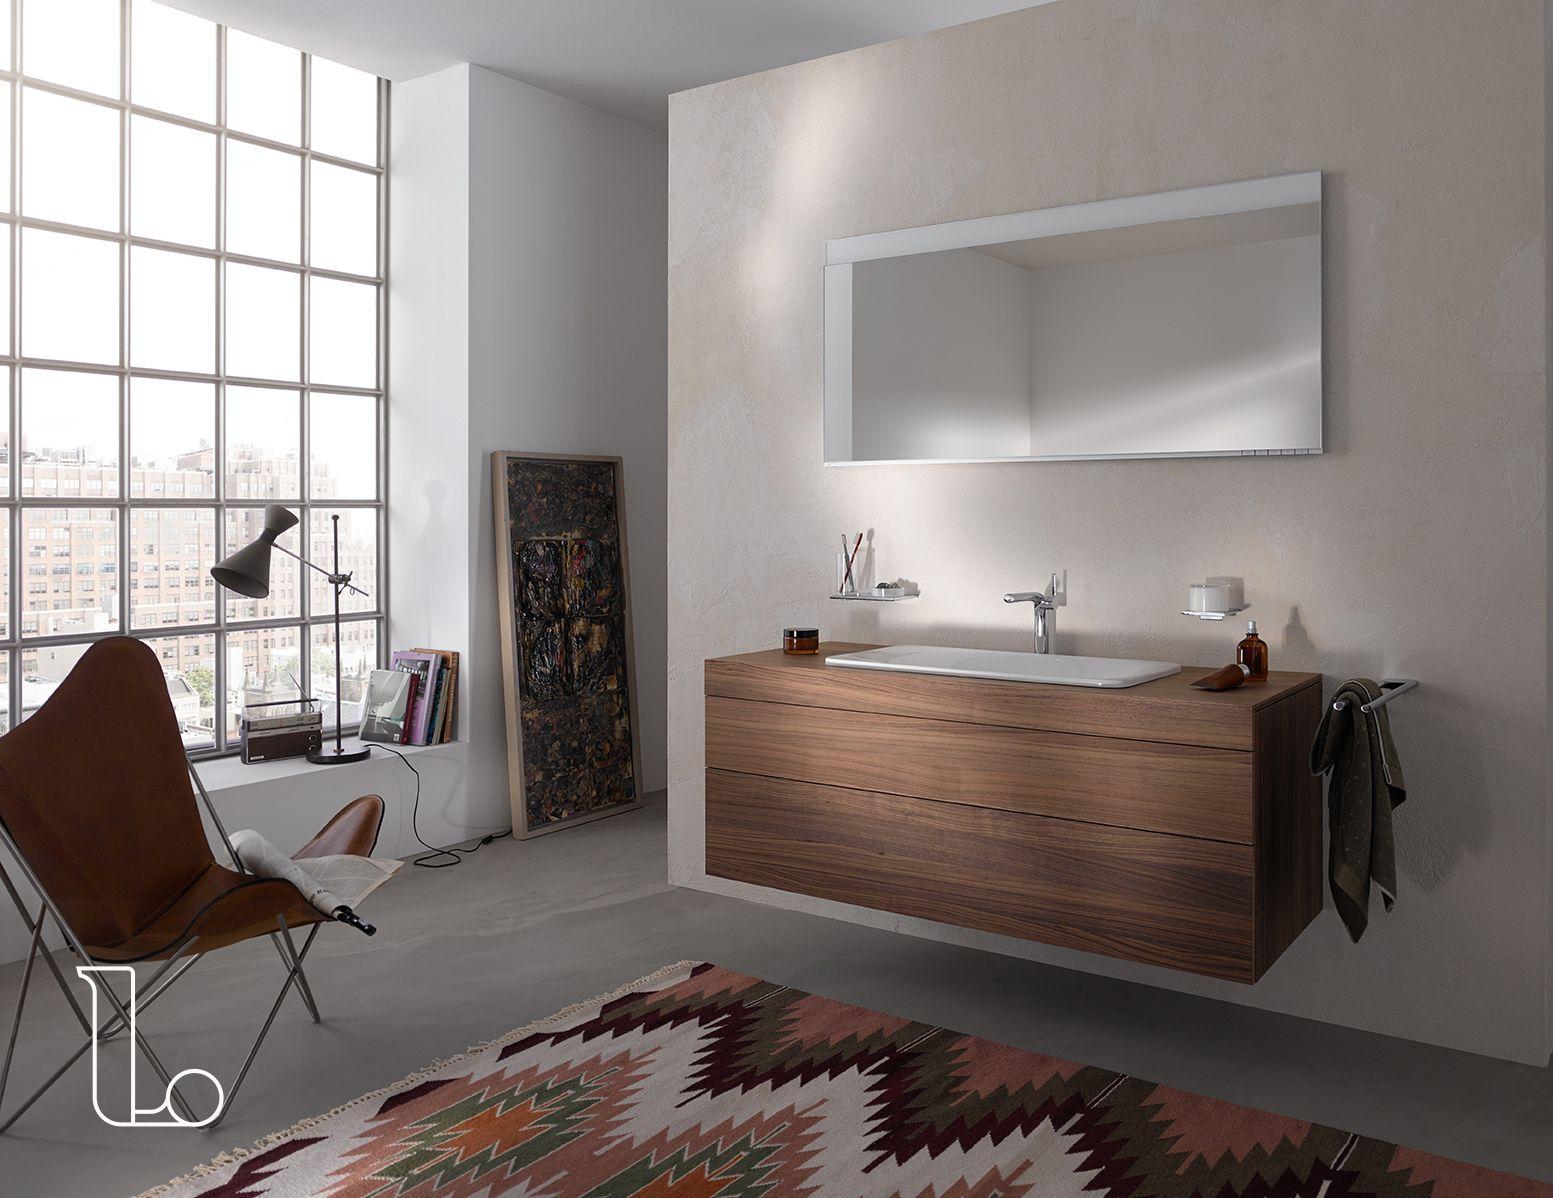 Badkamermeubel Met Kommen : Een badkamermeubel van hout met een prachtige witte wastafel